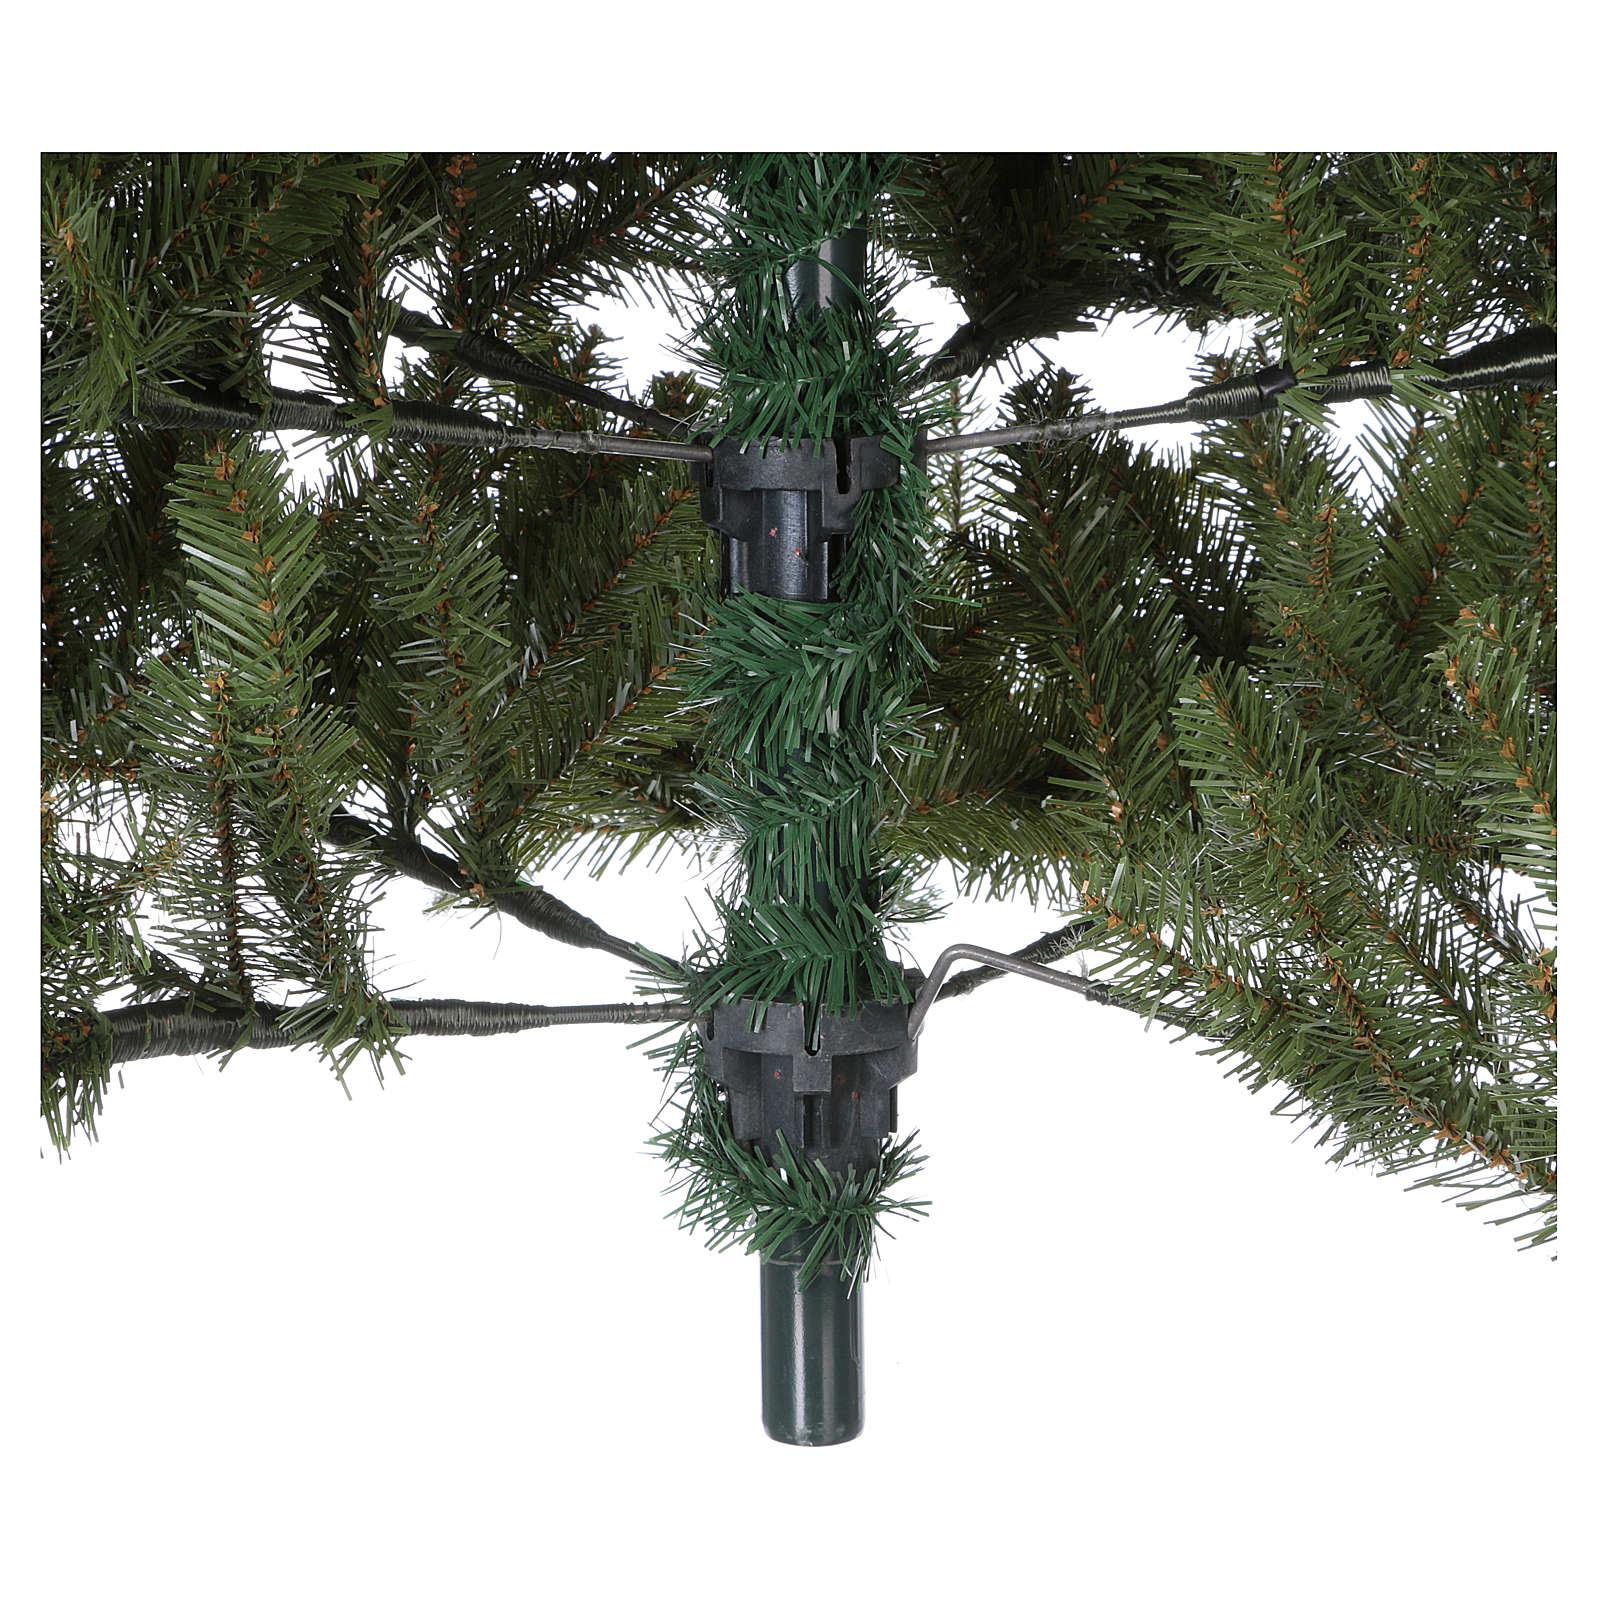 Grüner Weihnachtsbaum 210cm Mod. Dunhill Fir 3